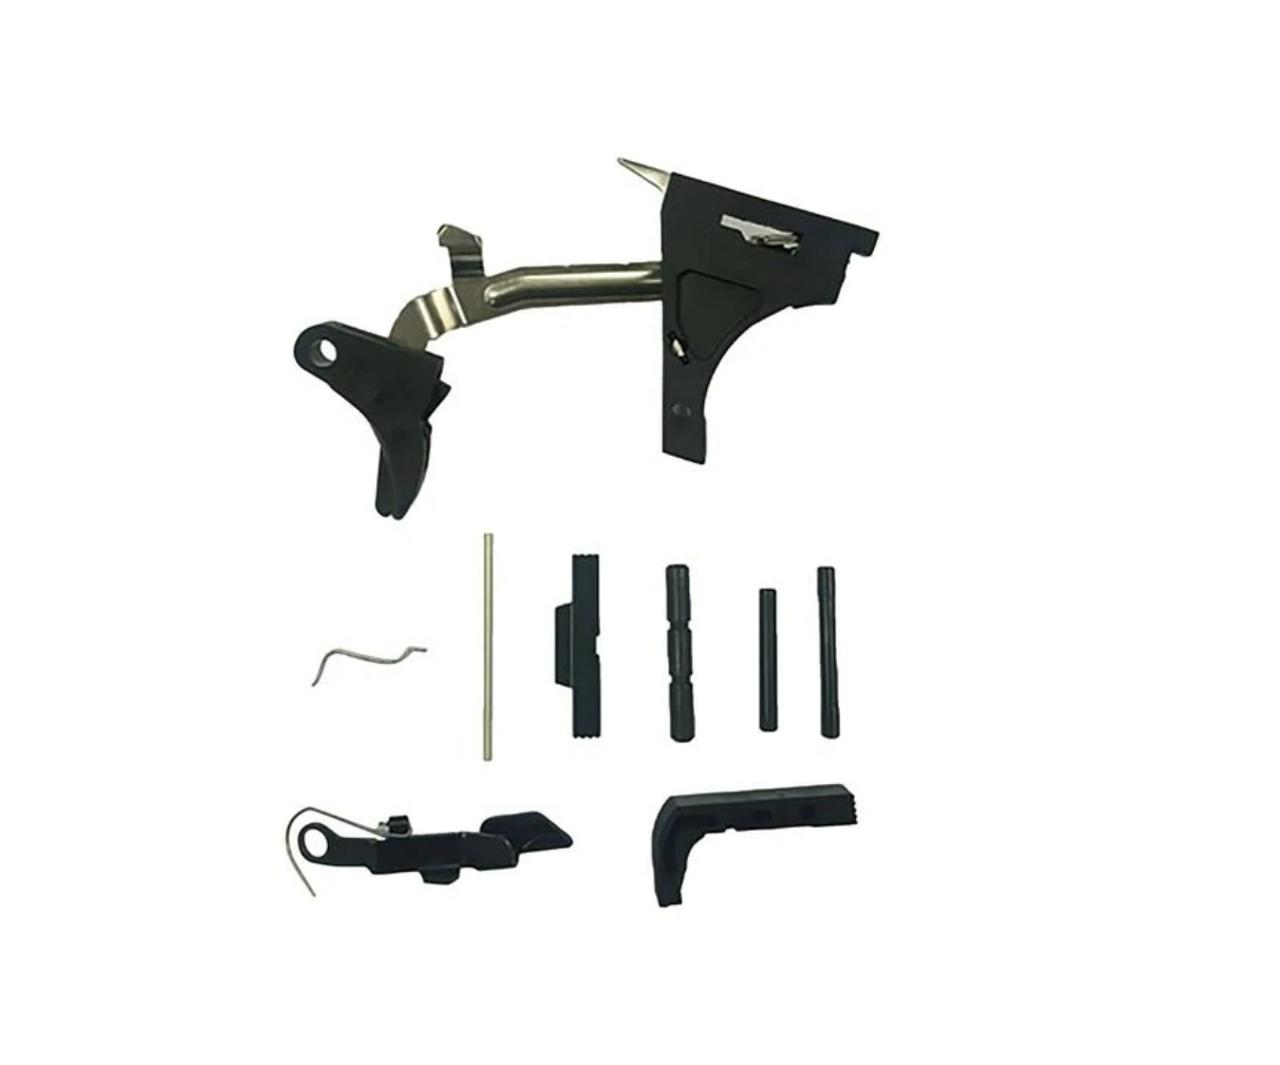 Lower Parts Kit Fits GLOCK 19/23 Gen 1-3